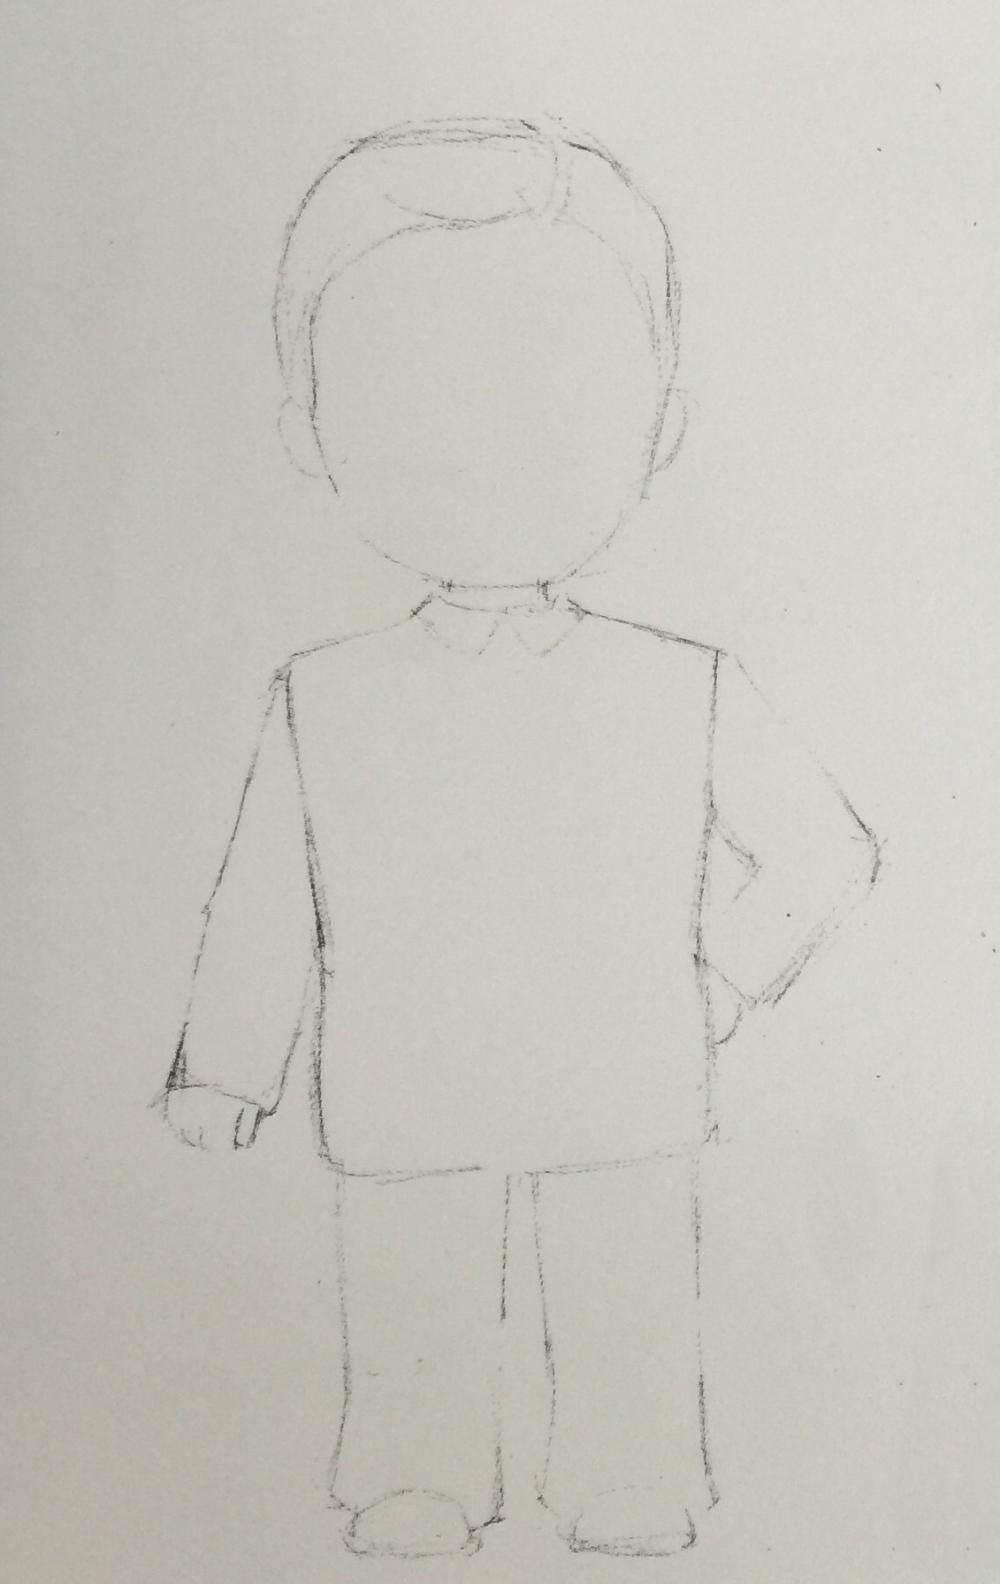 起线稿,用削尖的铅笔画单线勾出男子的身体轮廓,服饰特点,然后在面部